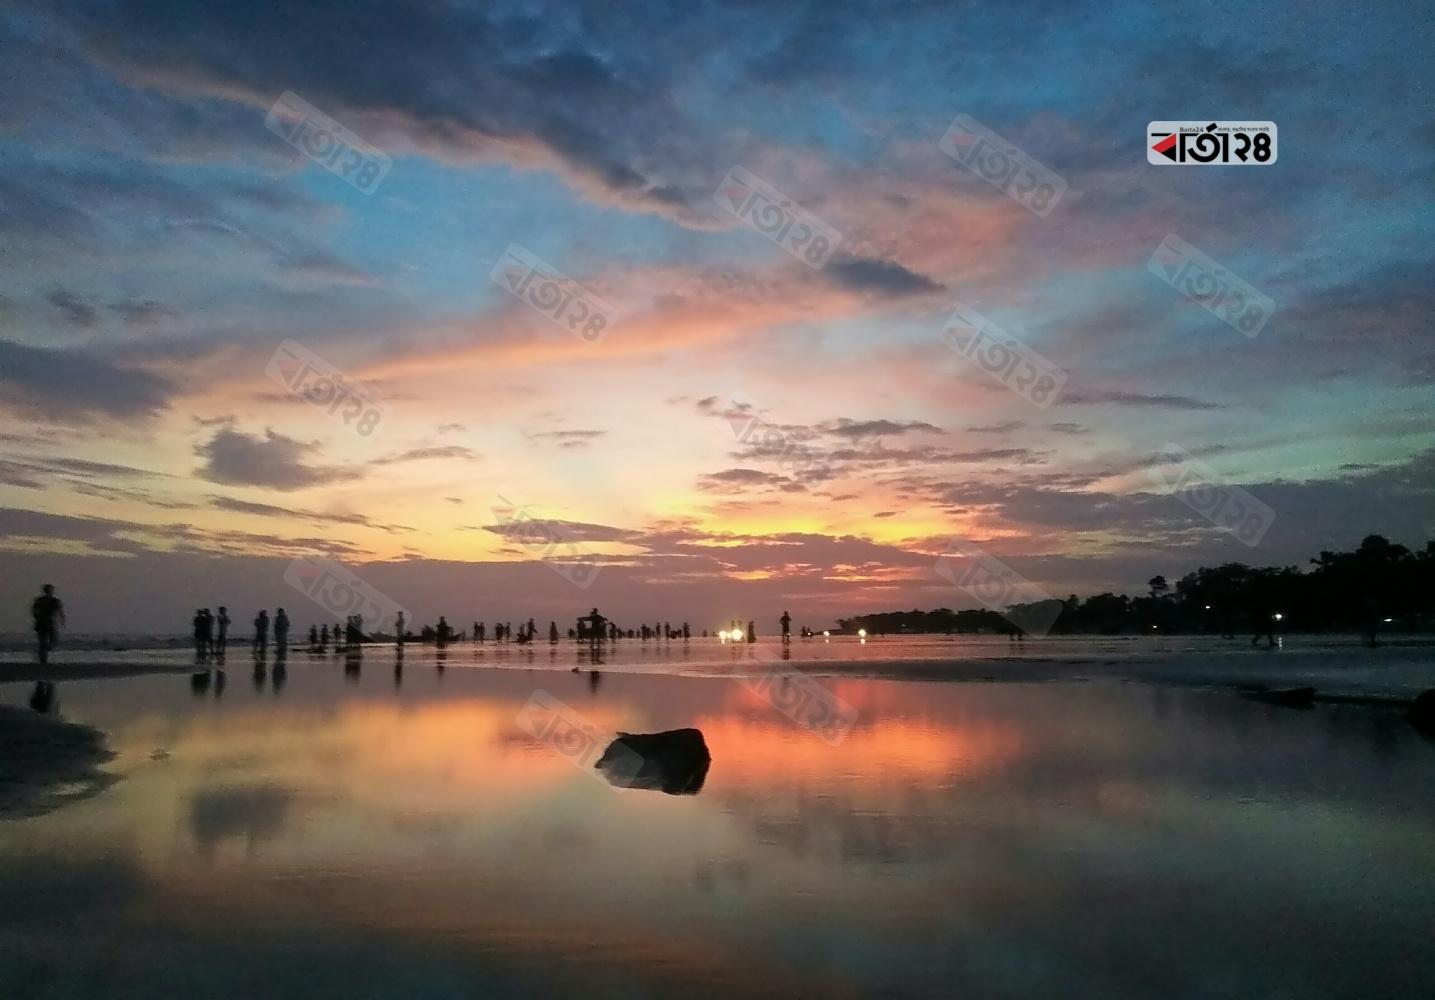 সাগরকন্যা কুয়াকাটা সমুদ্র সৈকতে সূর্যাস্ত শেষে রক্তিম আকাশ। ছবি : সুমন শেখ